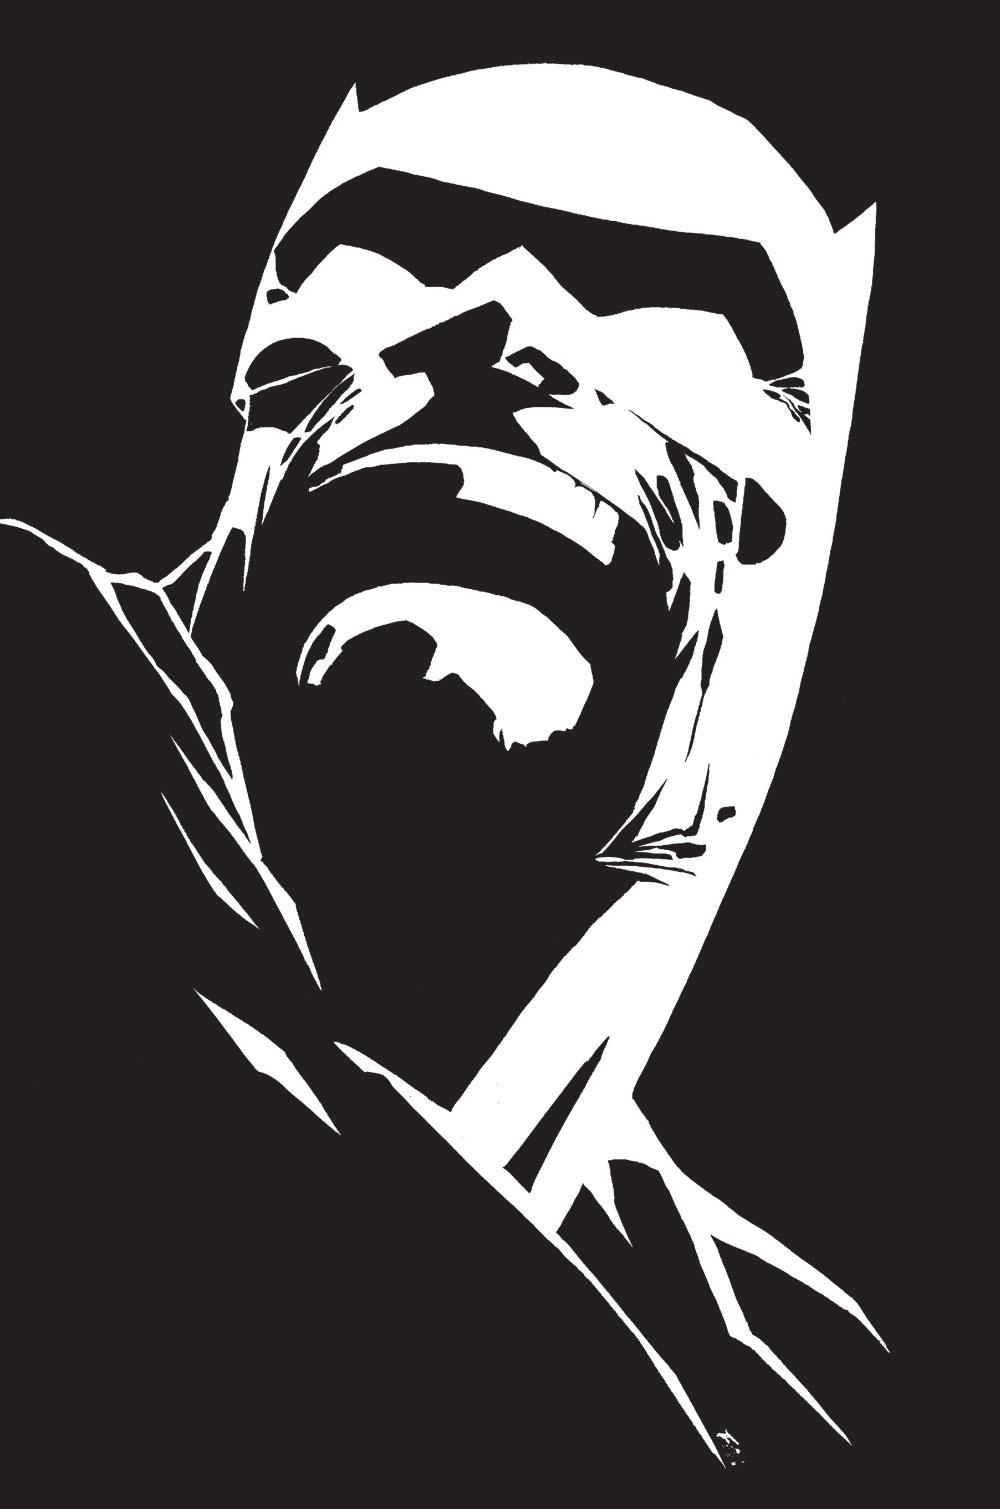 Batman le chevalier noir et blanc le huffington post - Dessin ange noir et blanc ...